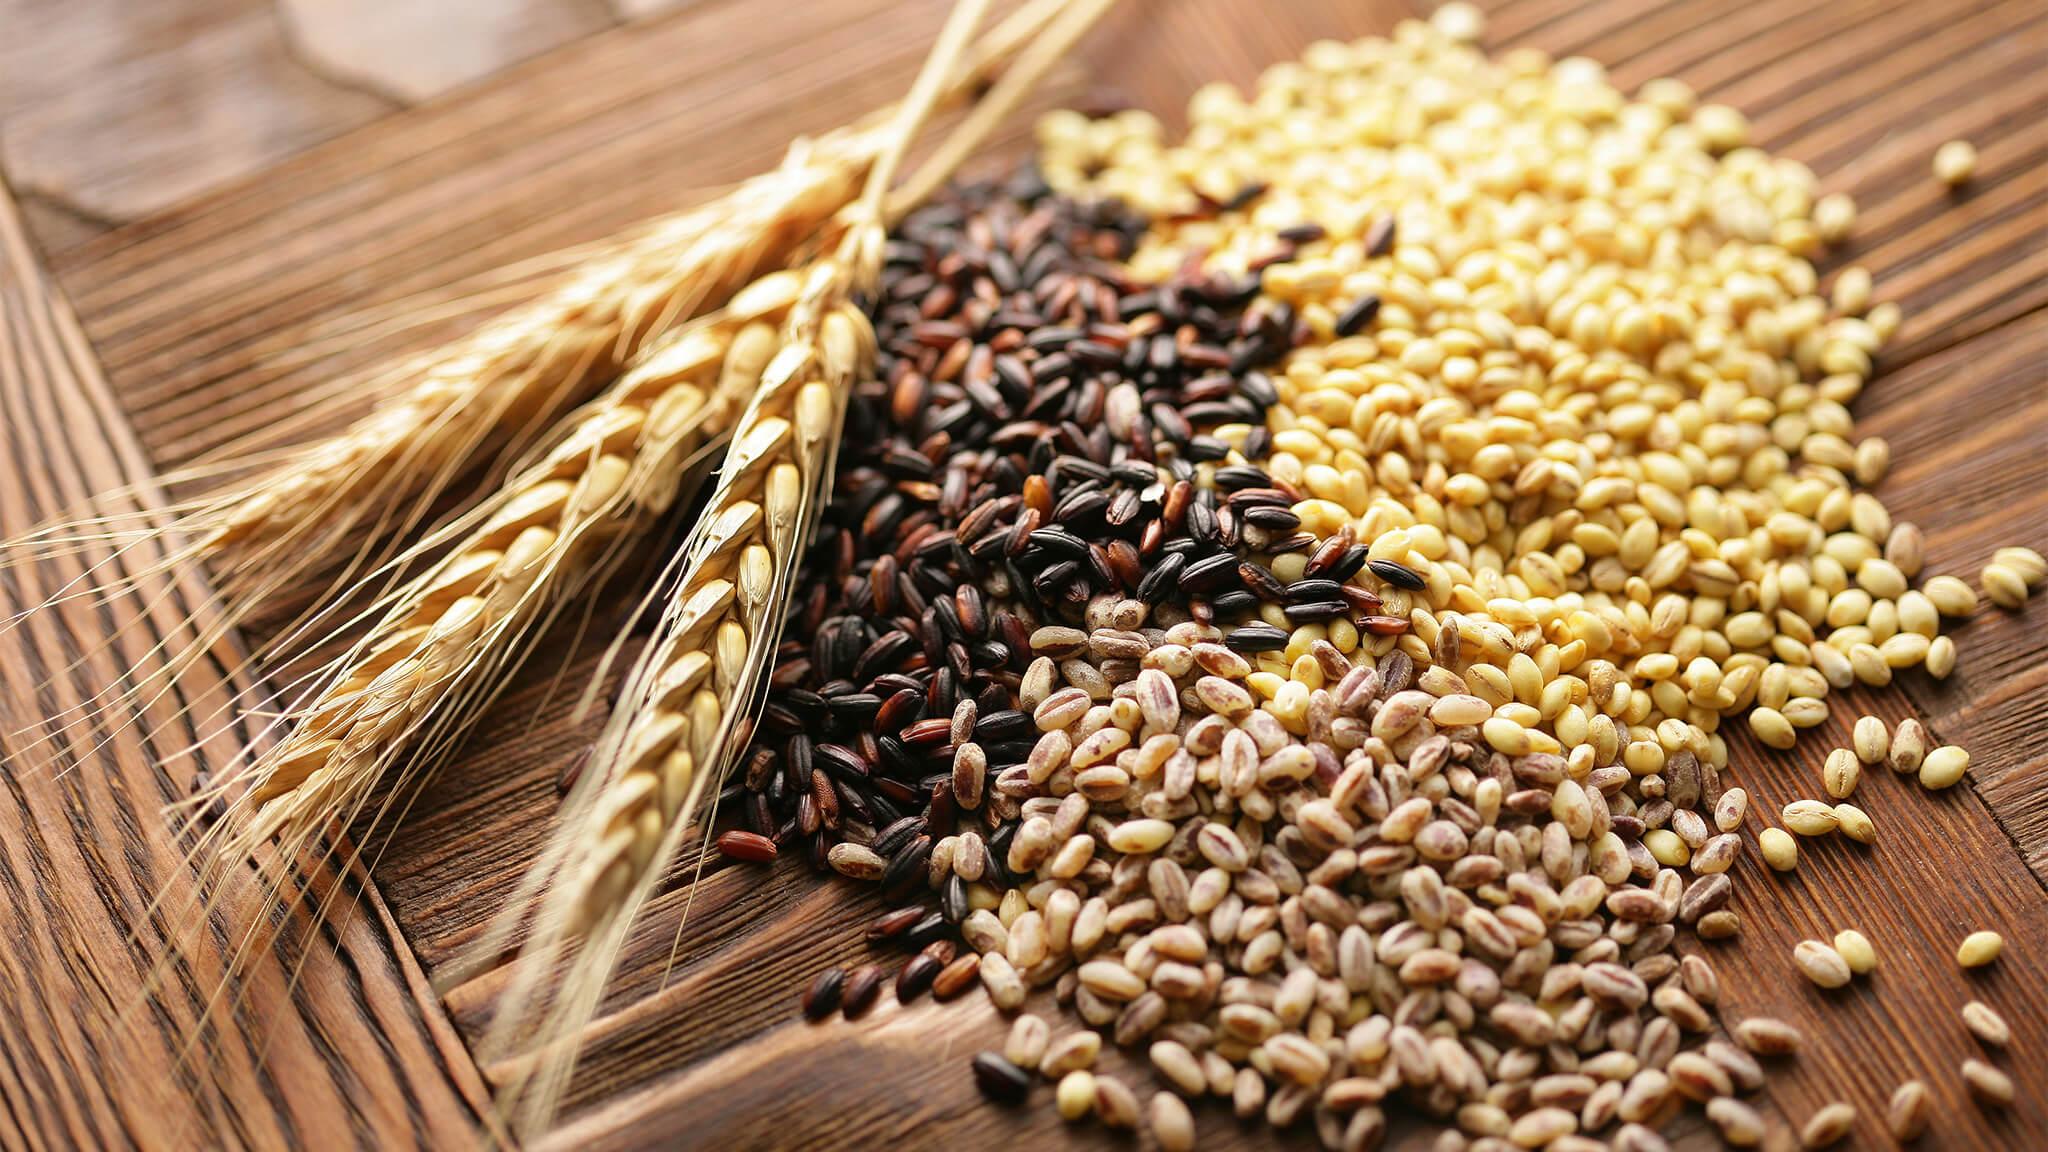 الفاو: أسعار الغذاء تهبط بقوة بسبب تفشي فيروس كورونا